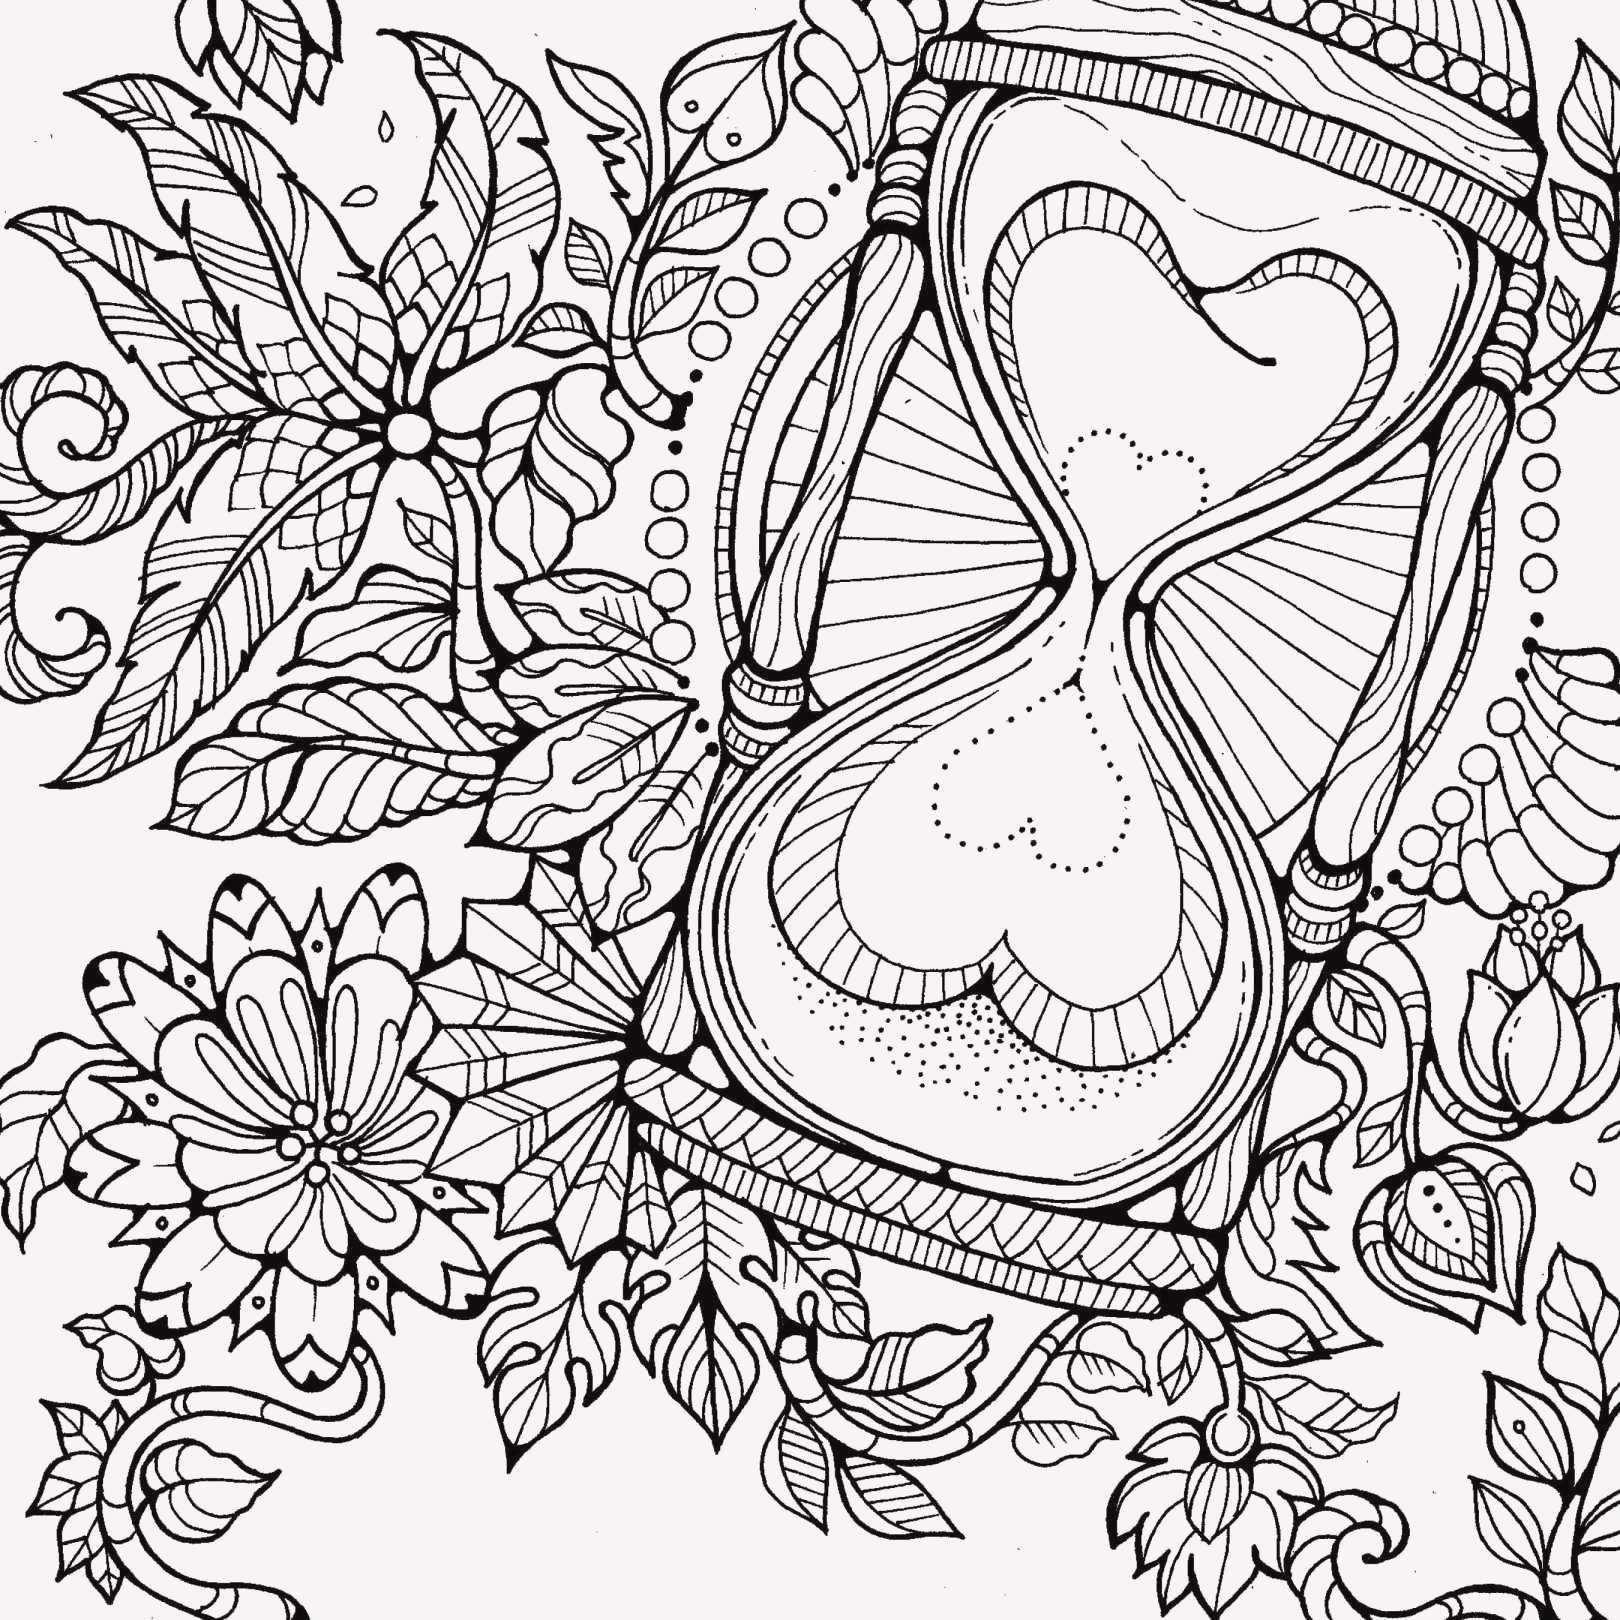 Ausmalbilder Disney Violetta Frisch Open Window Coloring Page Luxury Window Color Minions Idee 9 Sammlung